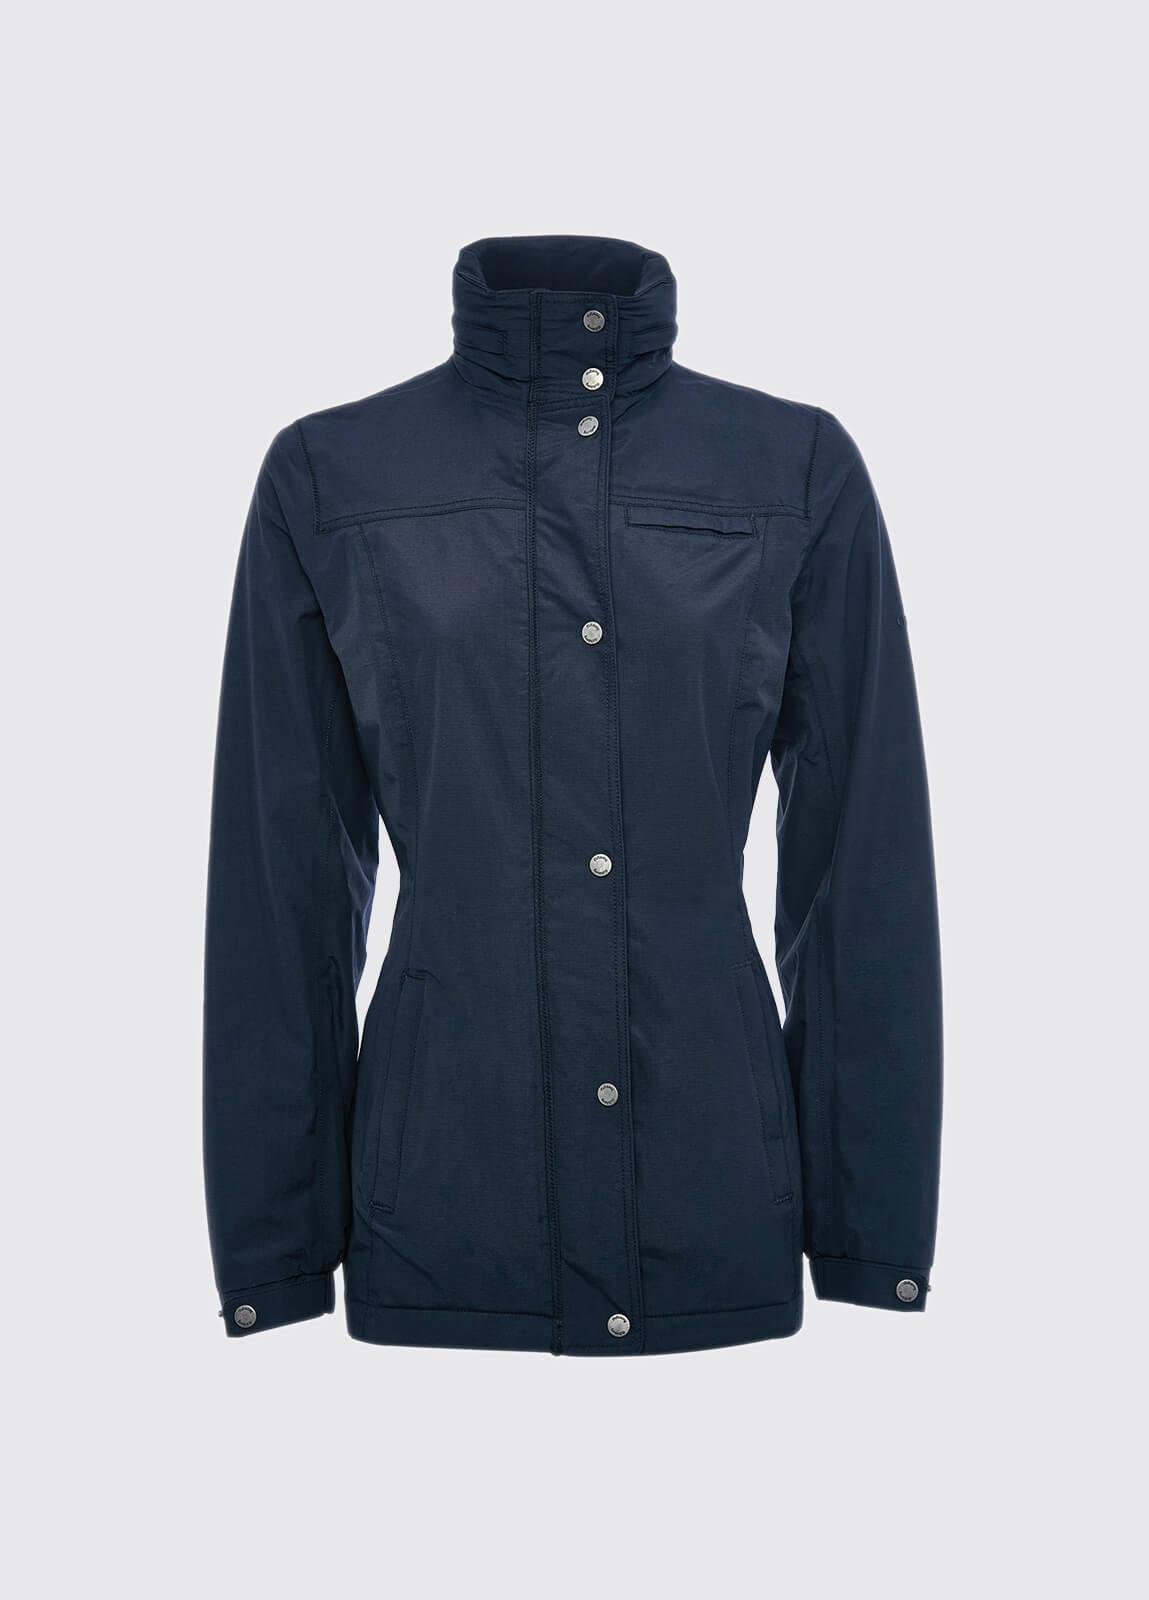 Aran Jacket - Navy